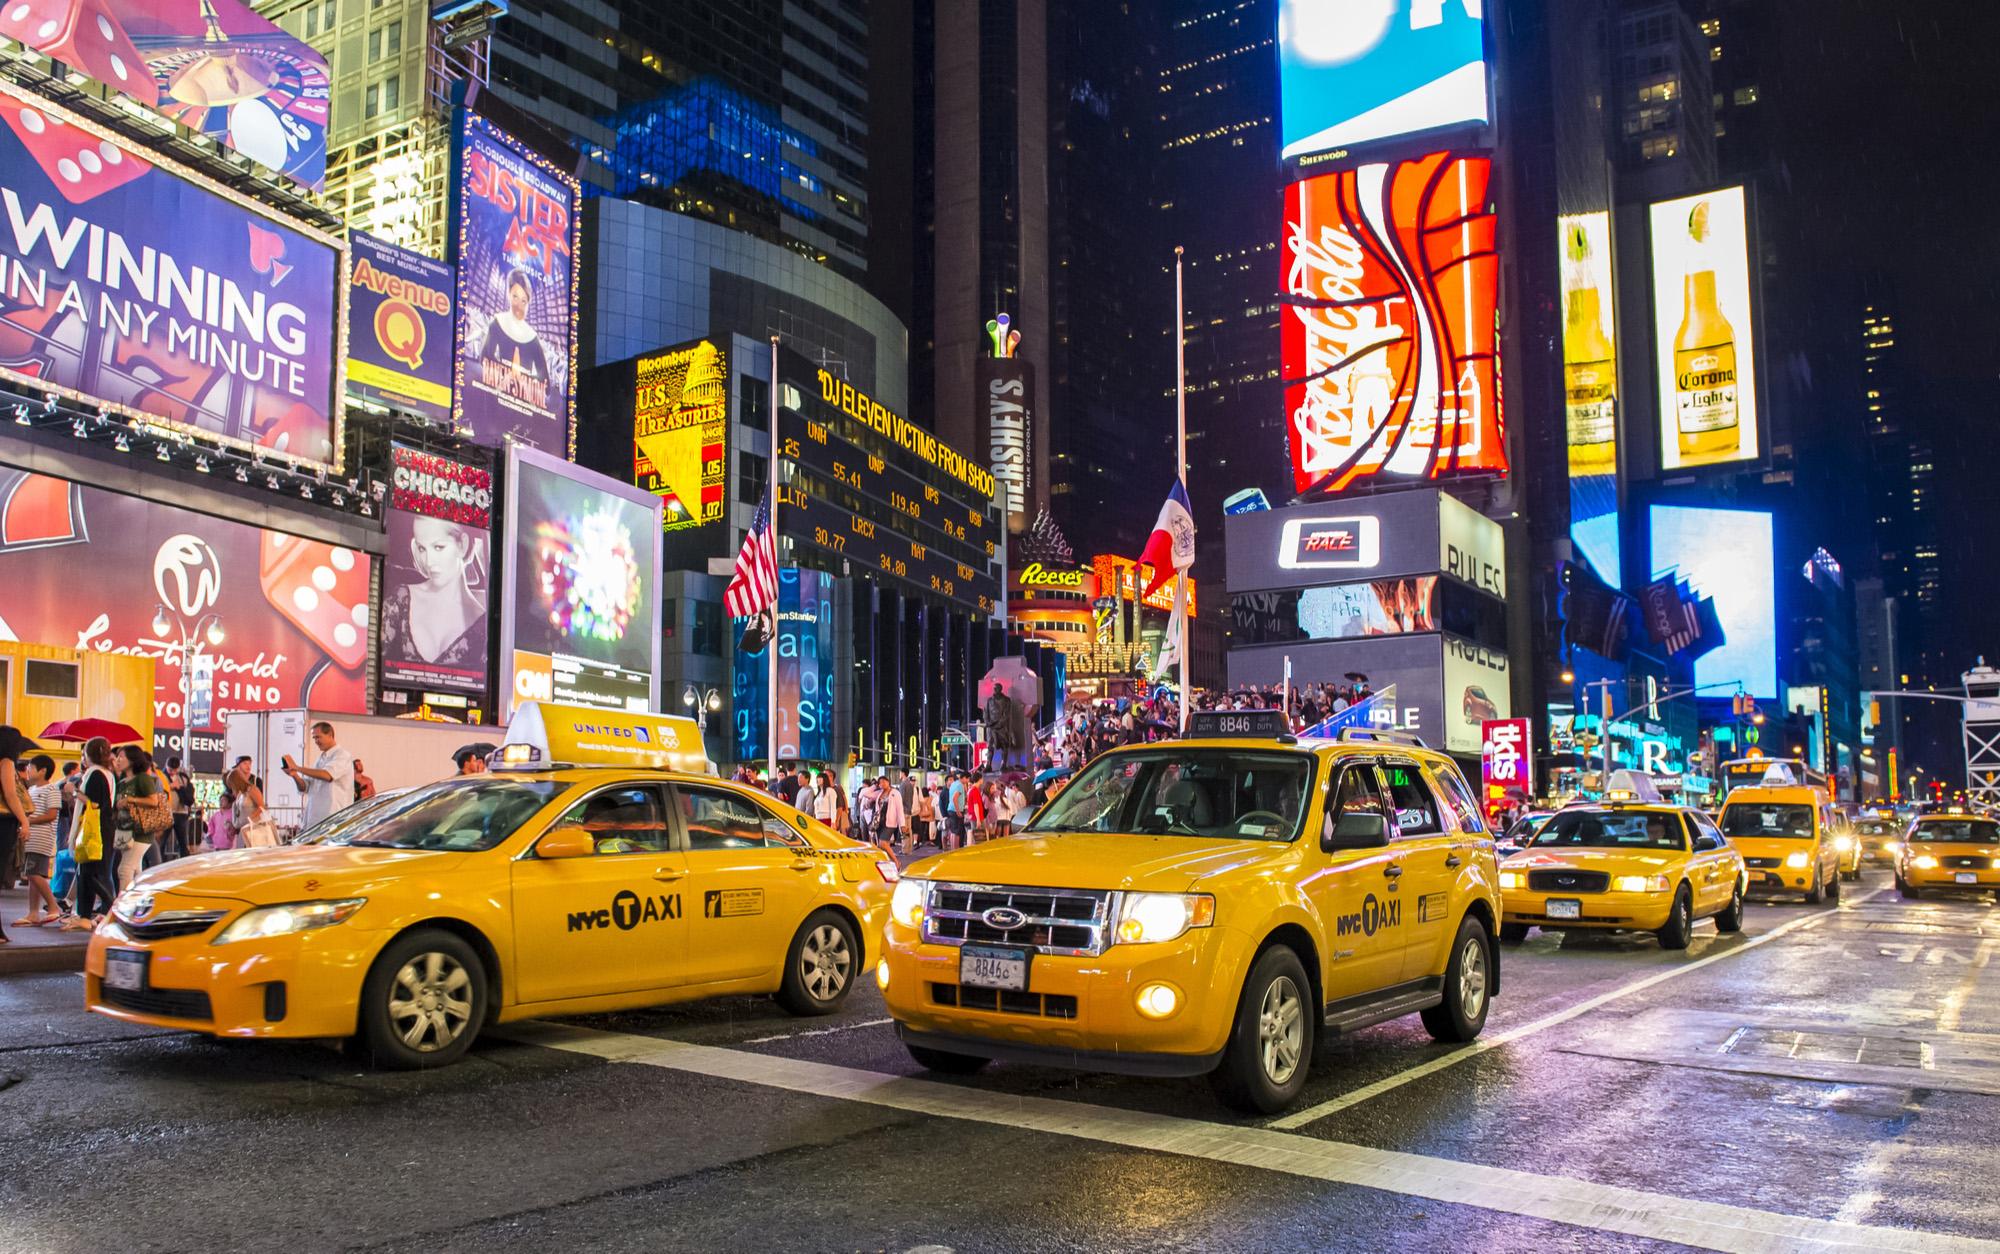 New York City-72 ppi